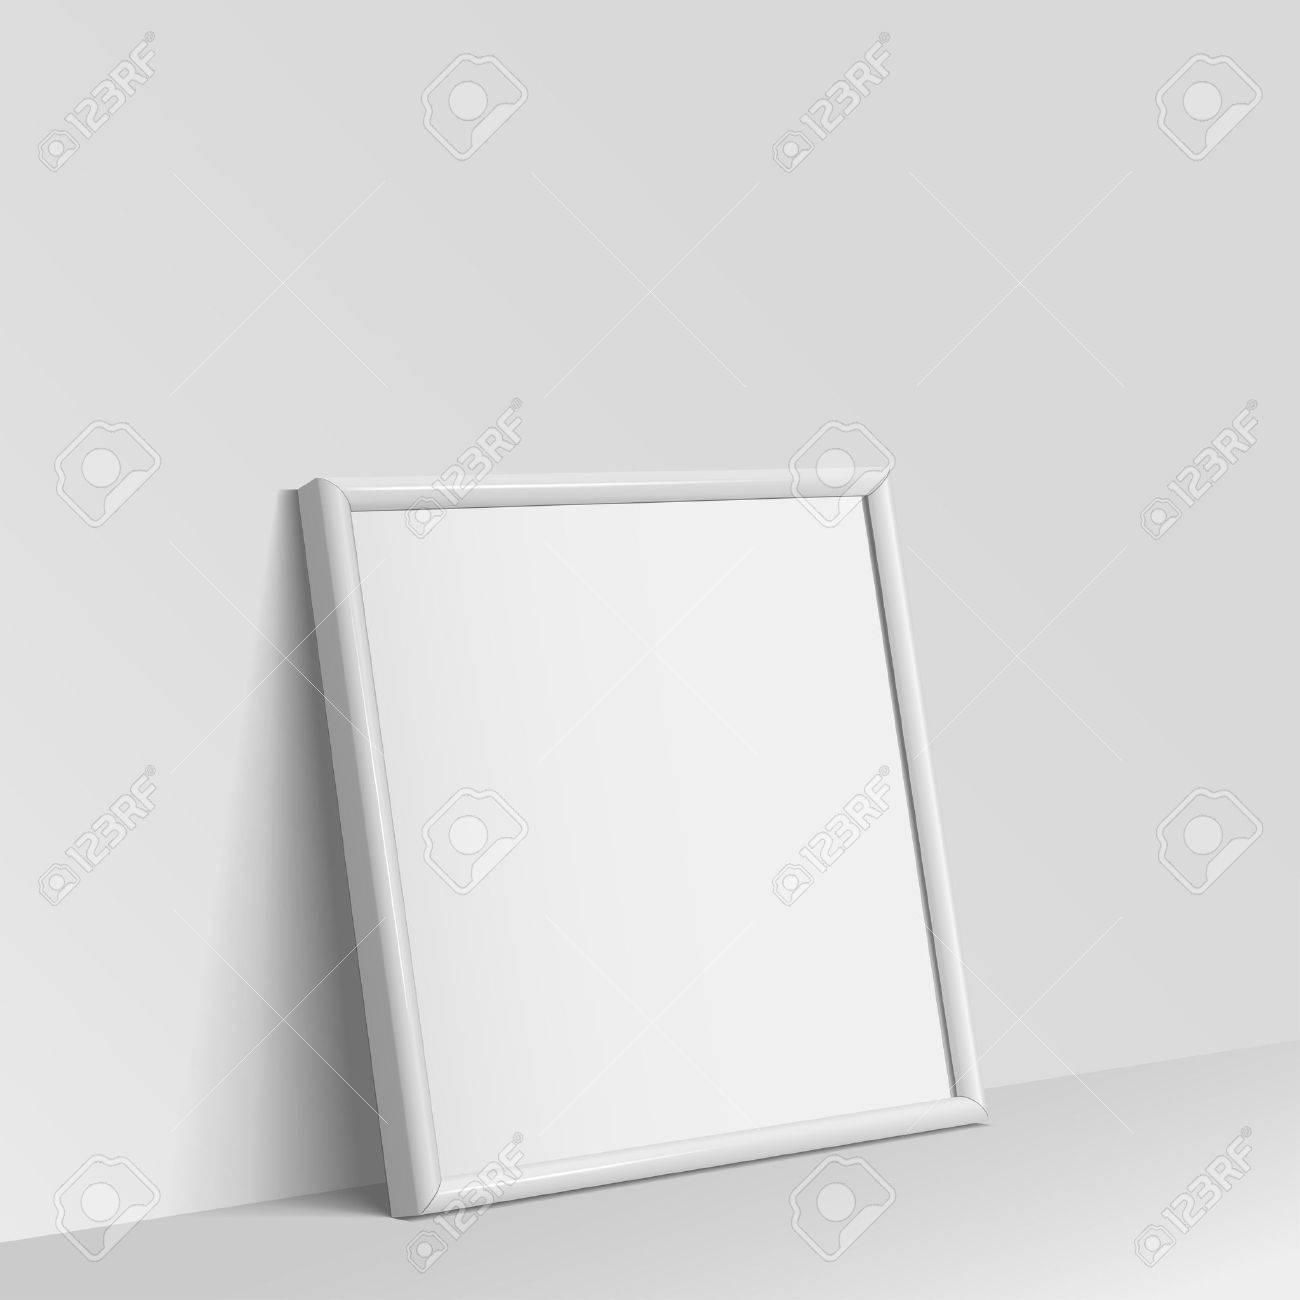 Realistische Weiße Quadratische Form Rahmen Für Bilder Oder ...